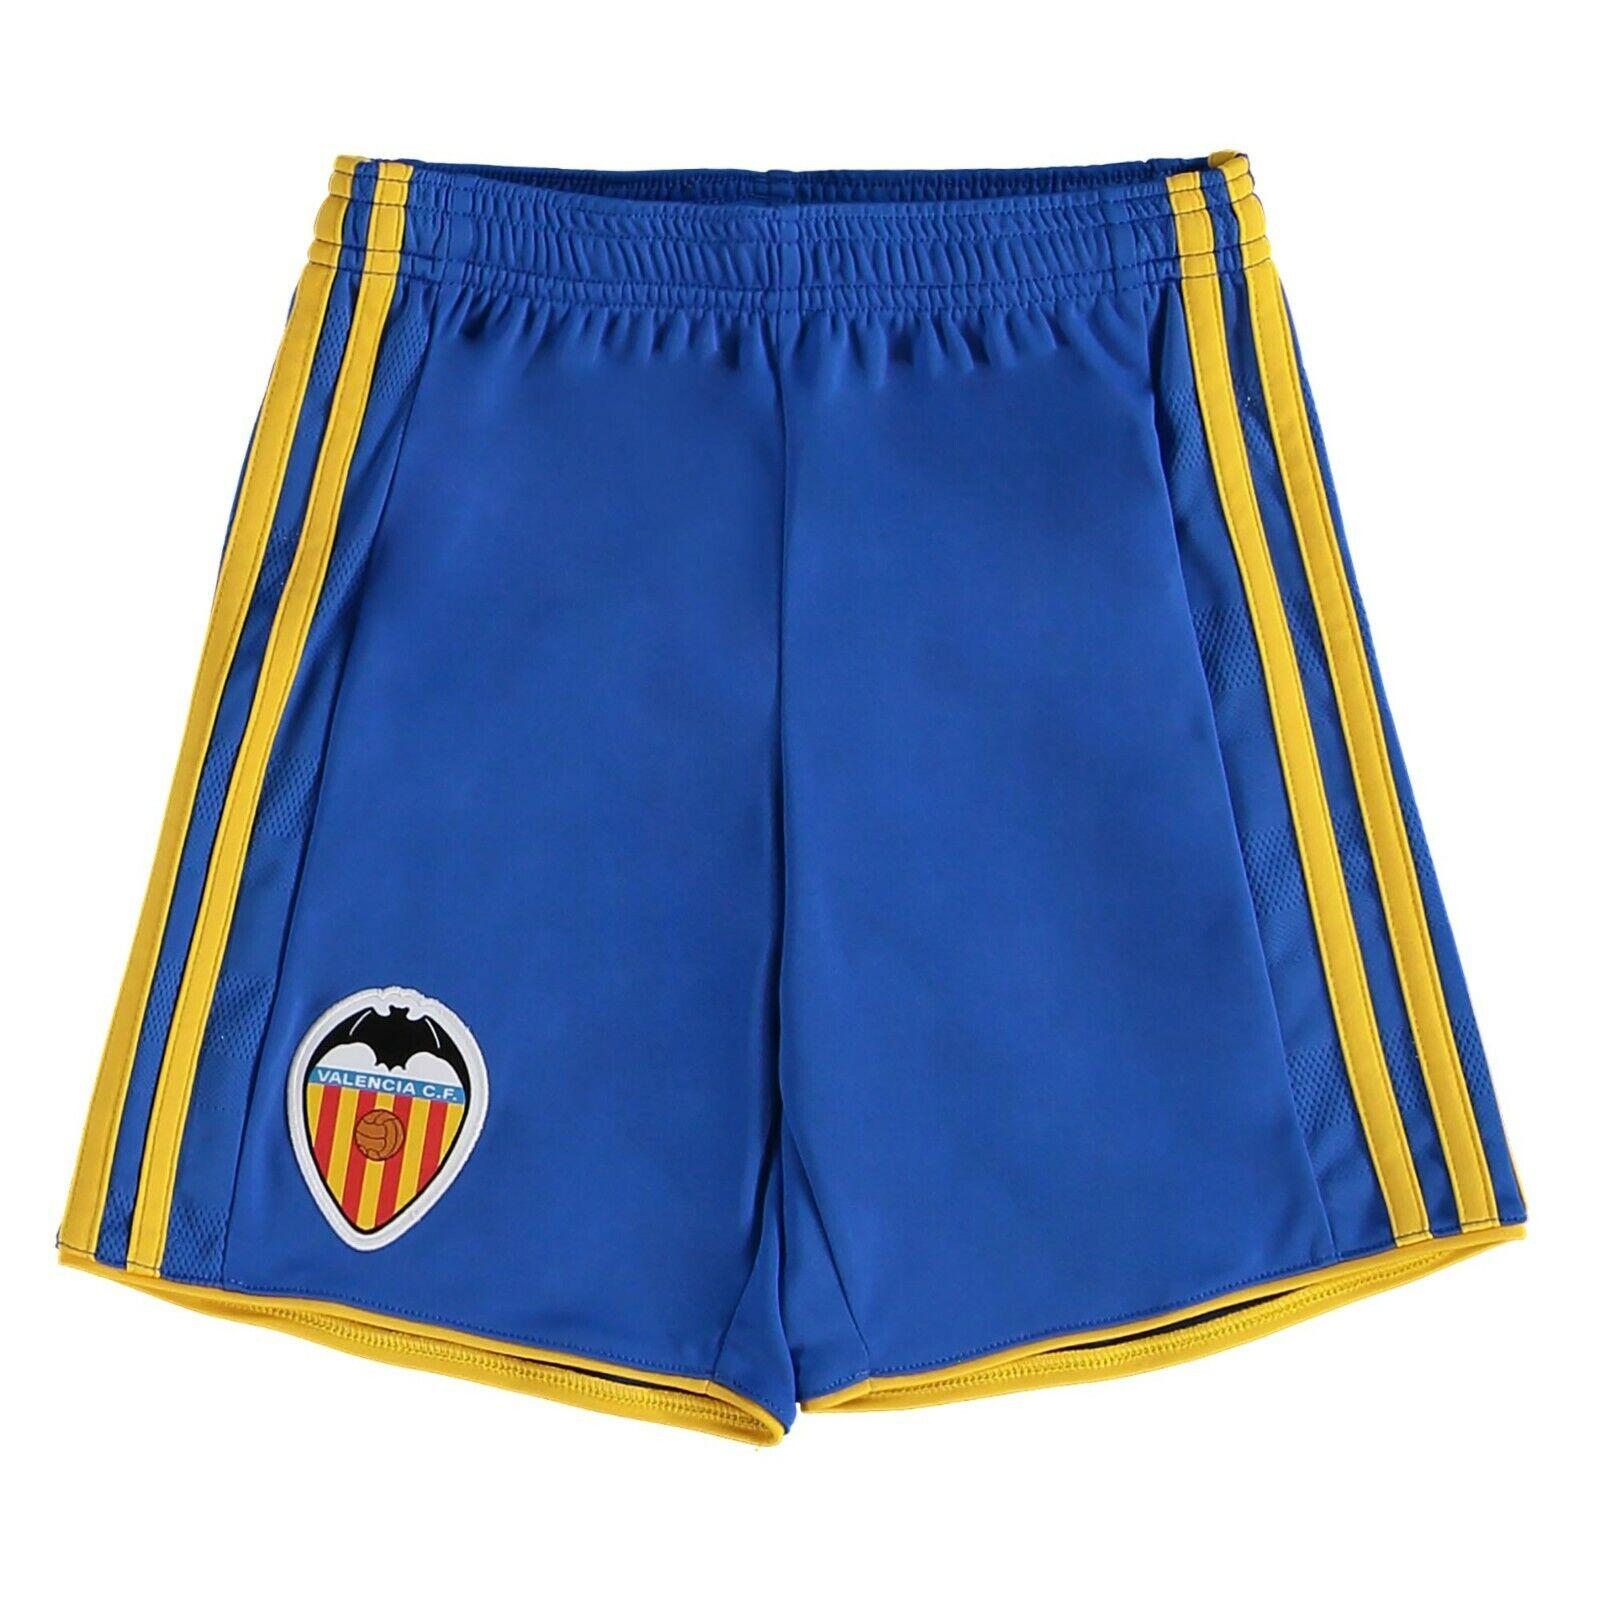 Valencia adidas Men's 2017-18 Away Football Shorts - Blue - New